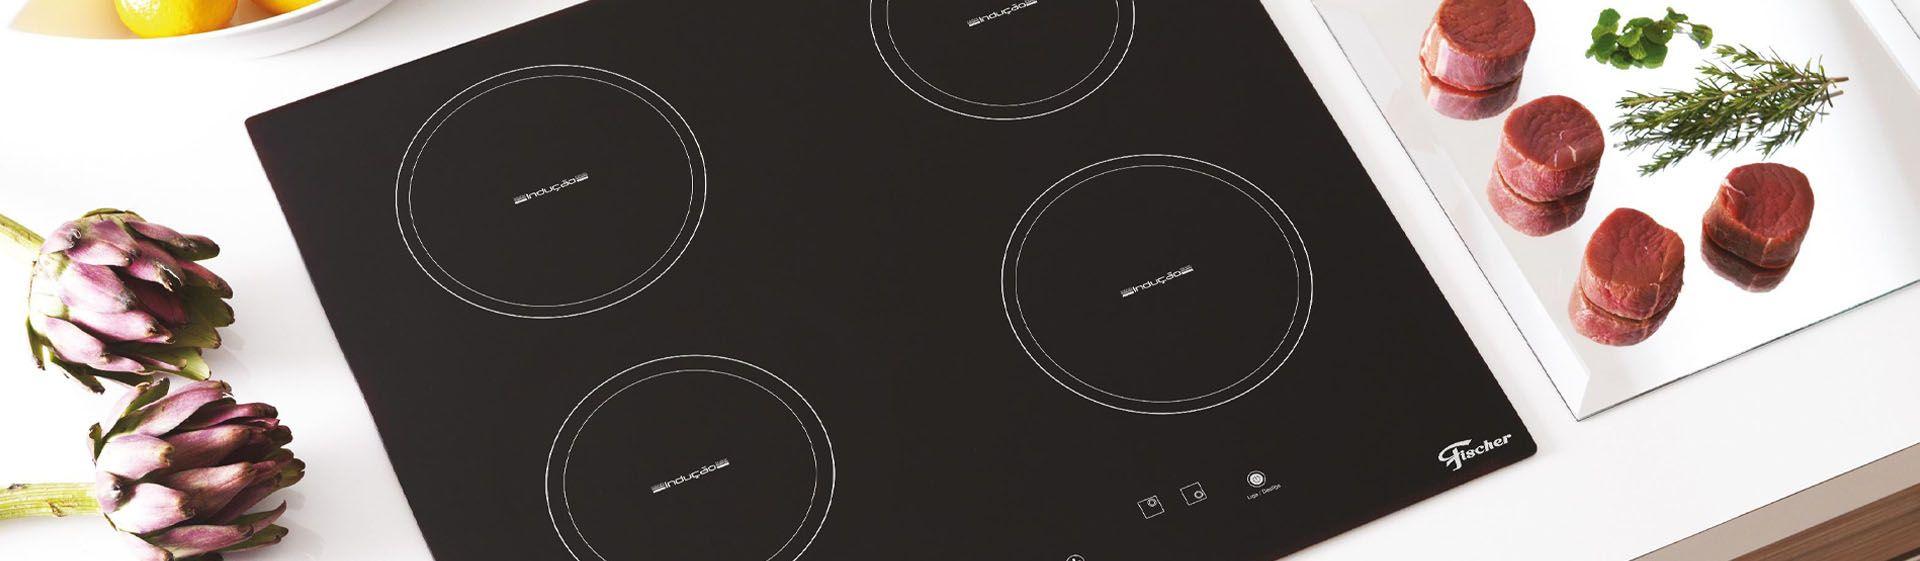 Melhor cooktop de indução: 5 opções para comprar em 2021